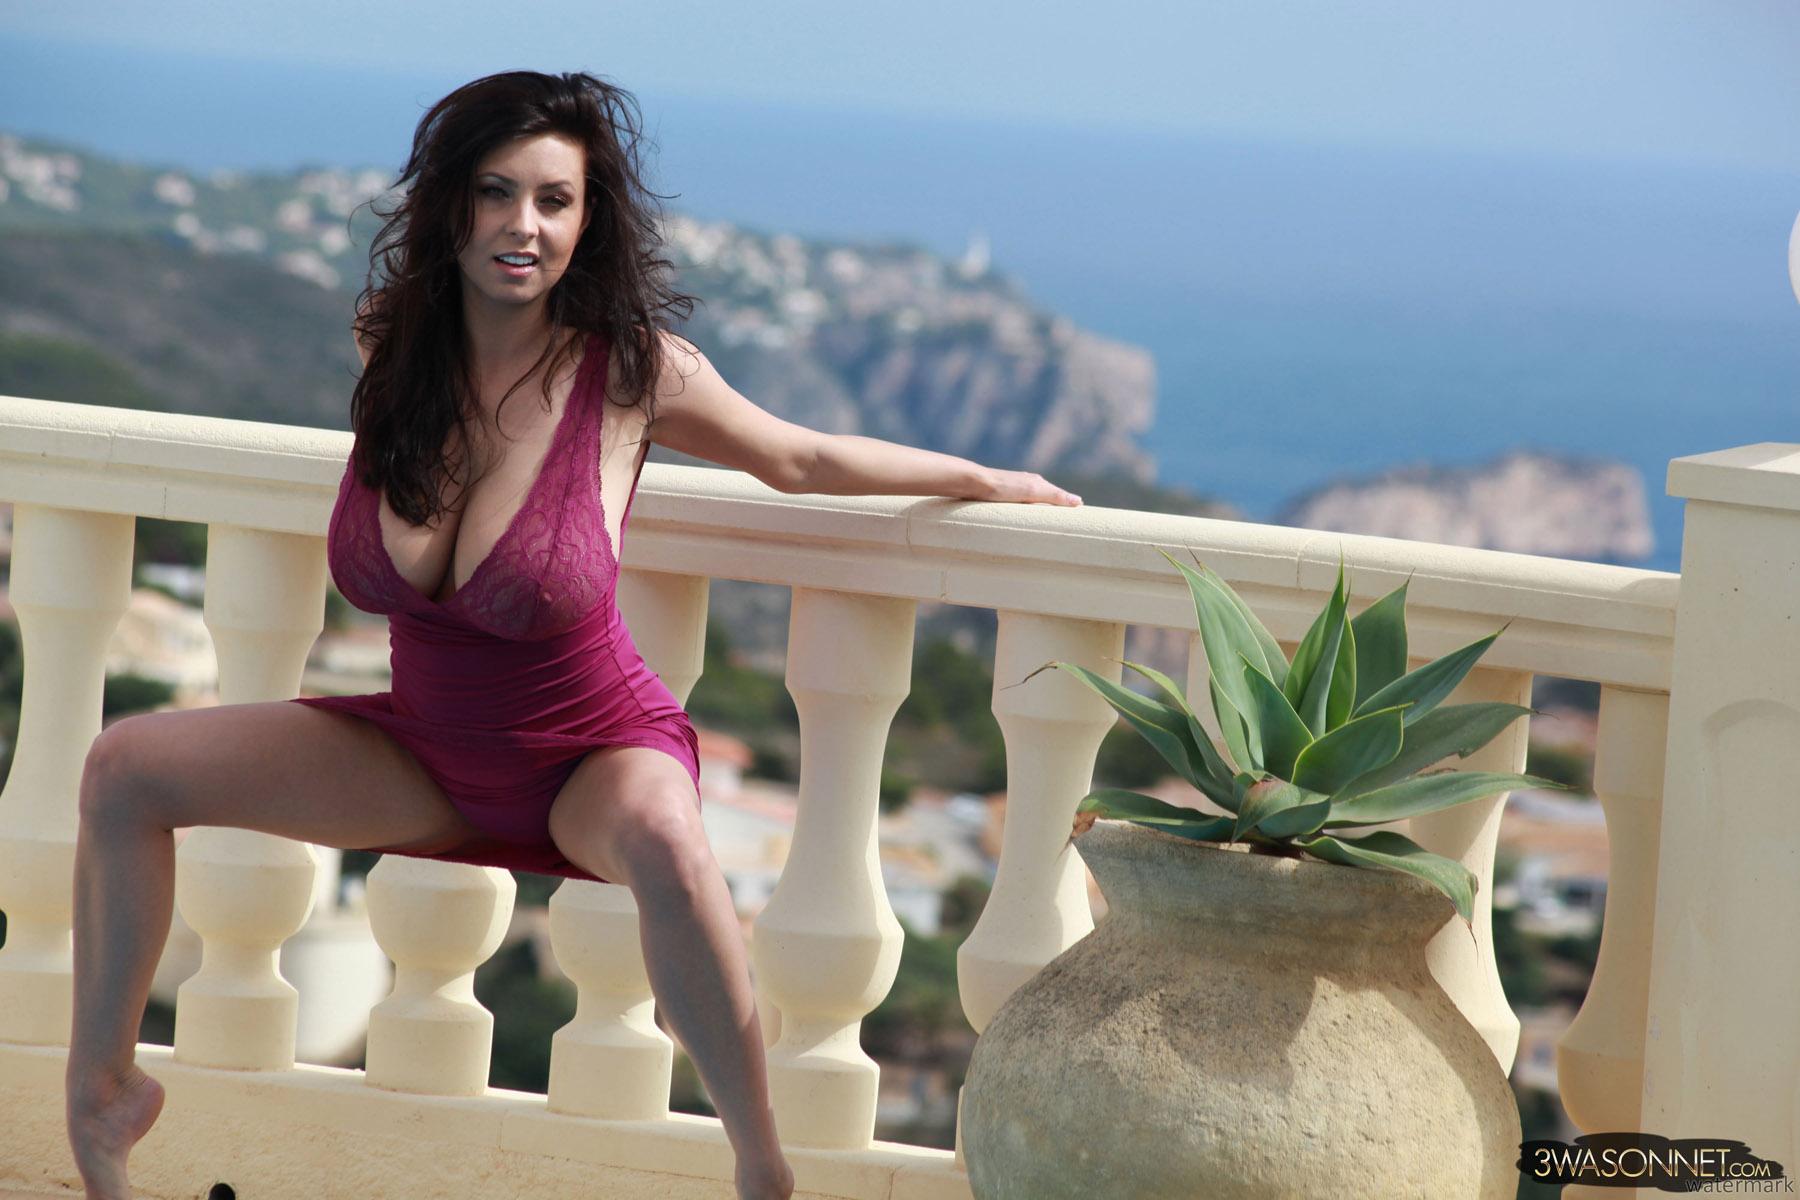 Ewa Barbara Sonnet in a bikini